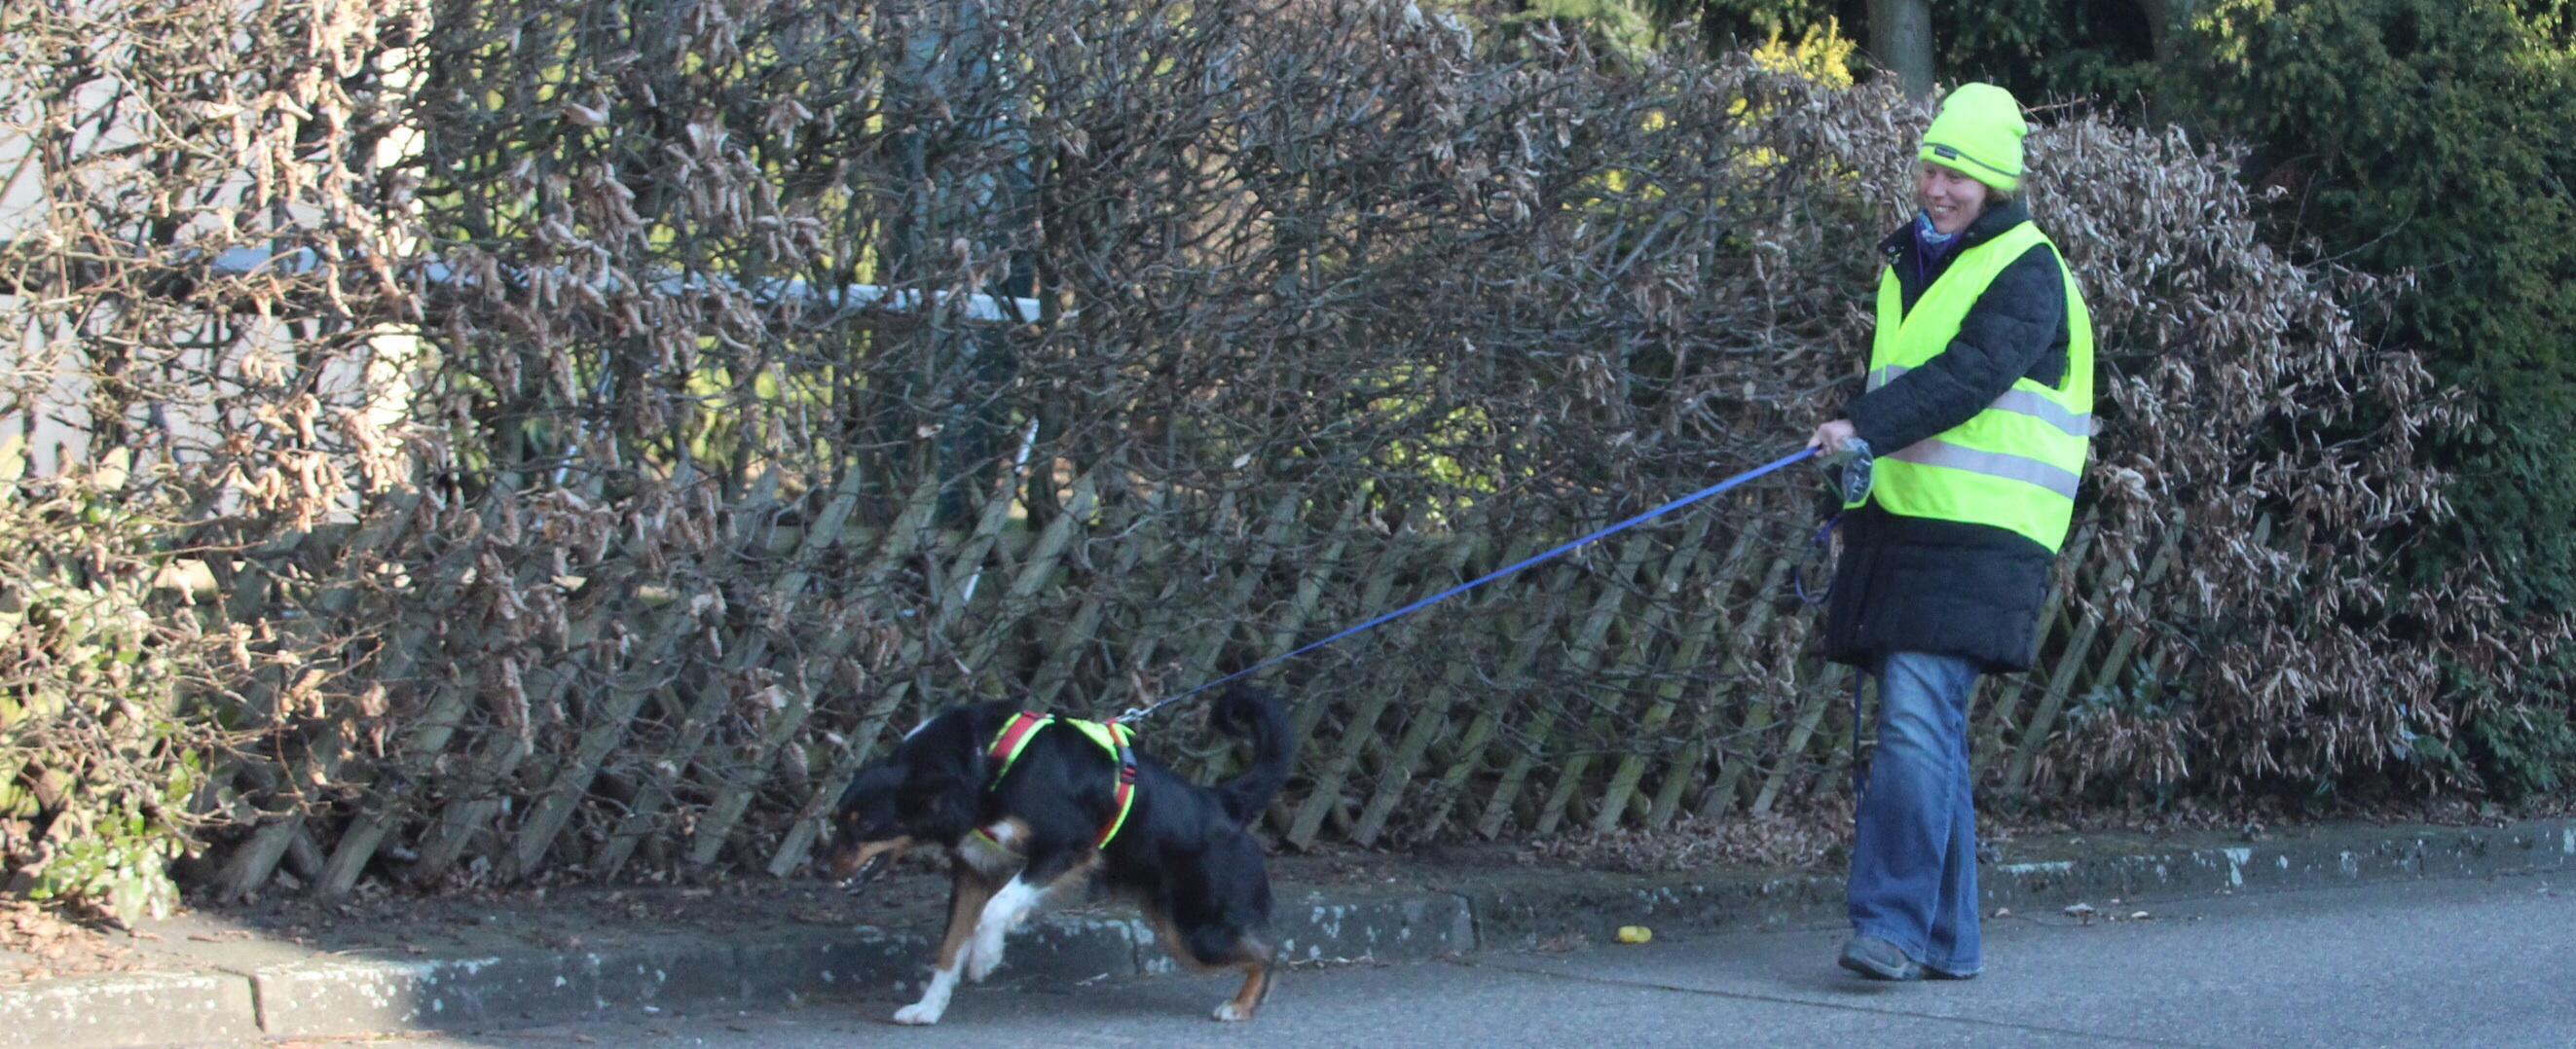 Suchhund Feline beim Trailen